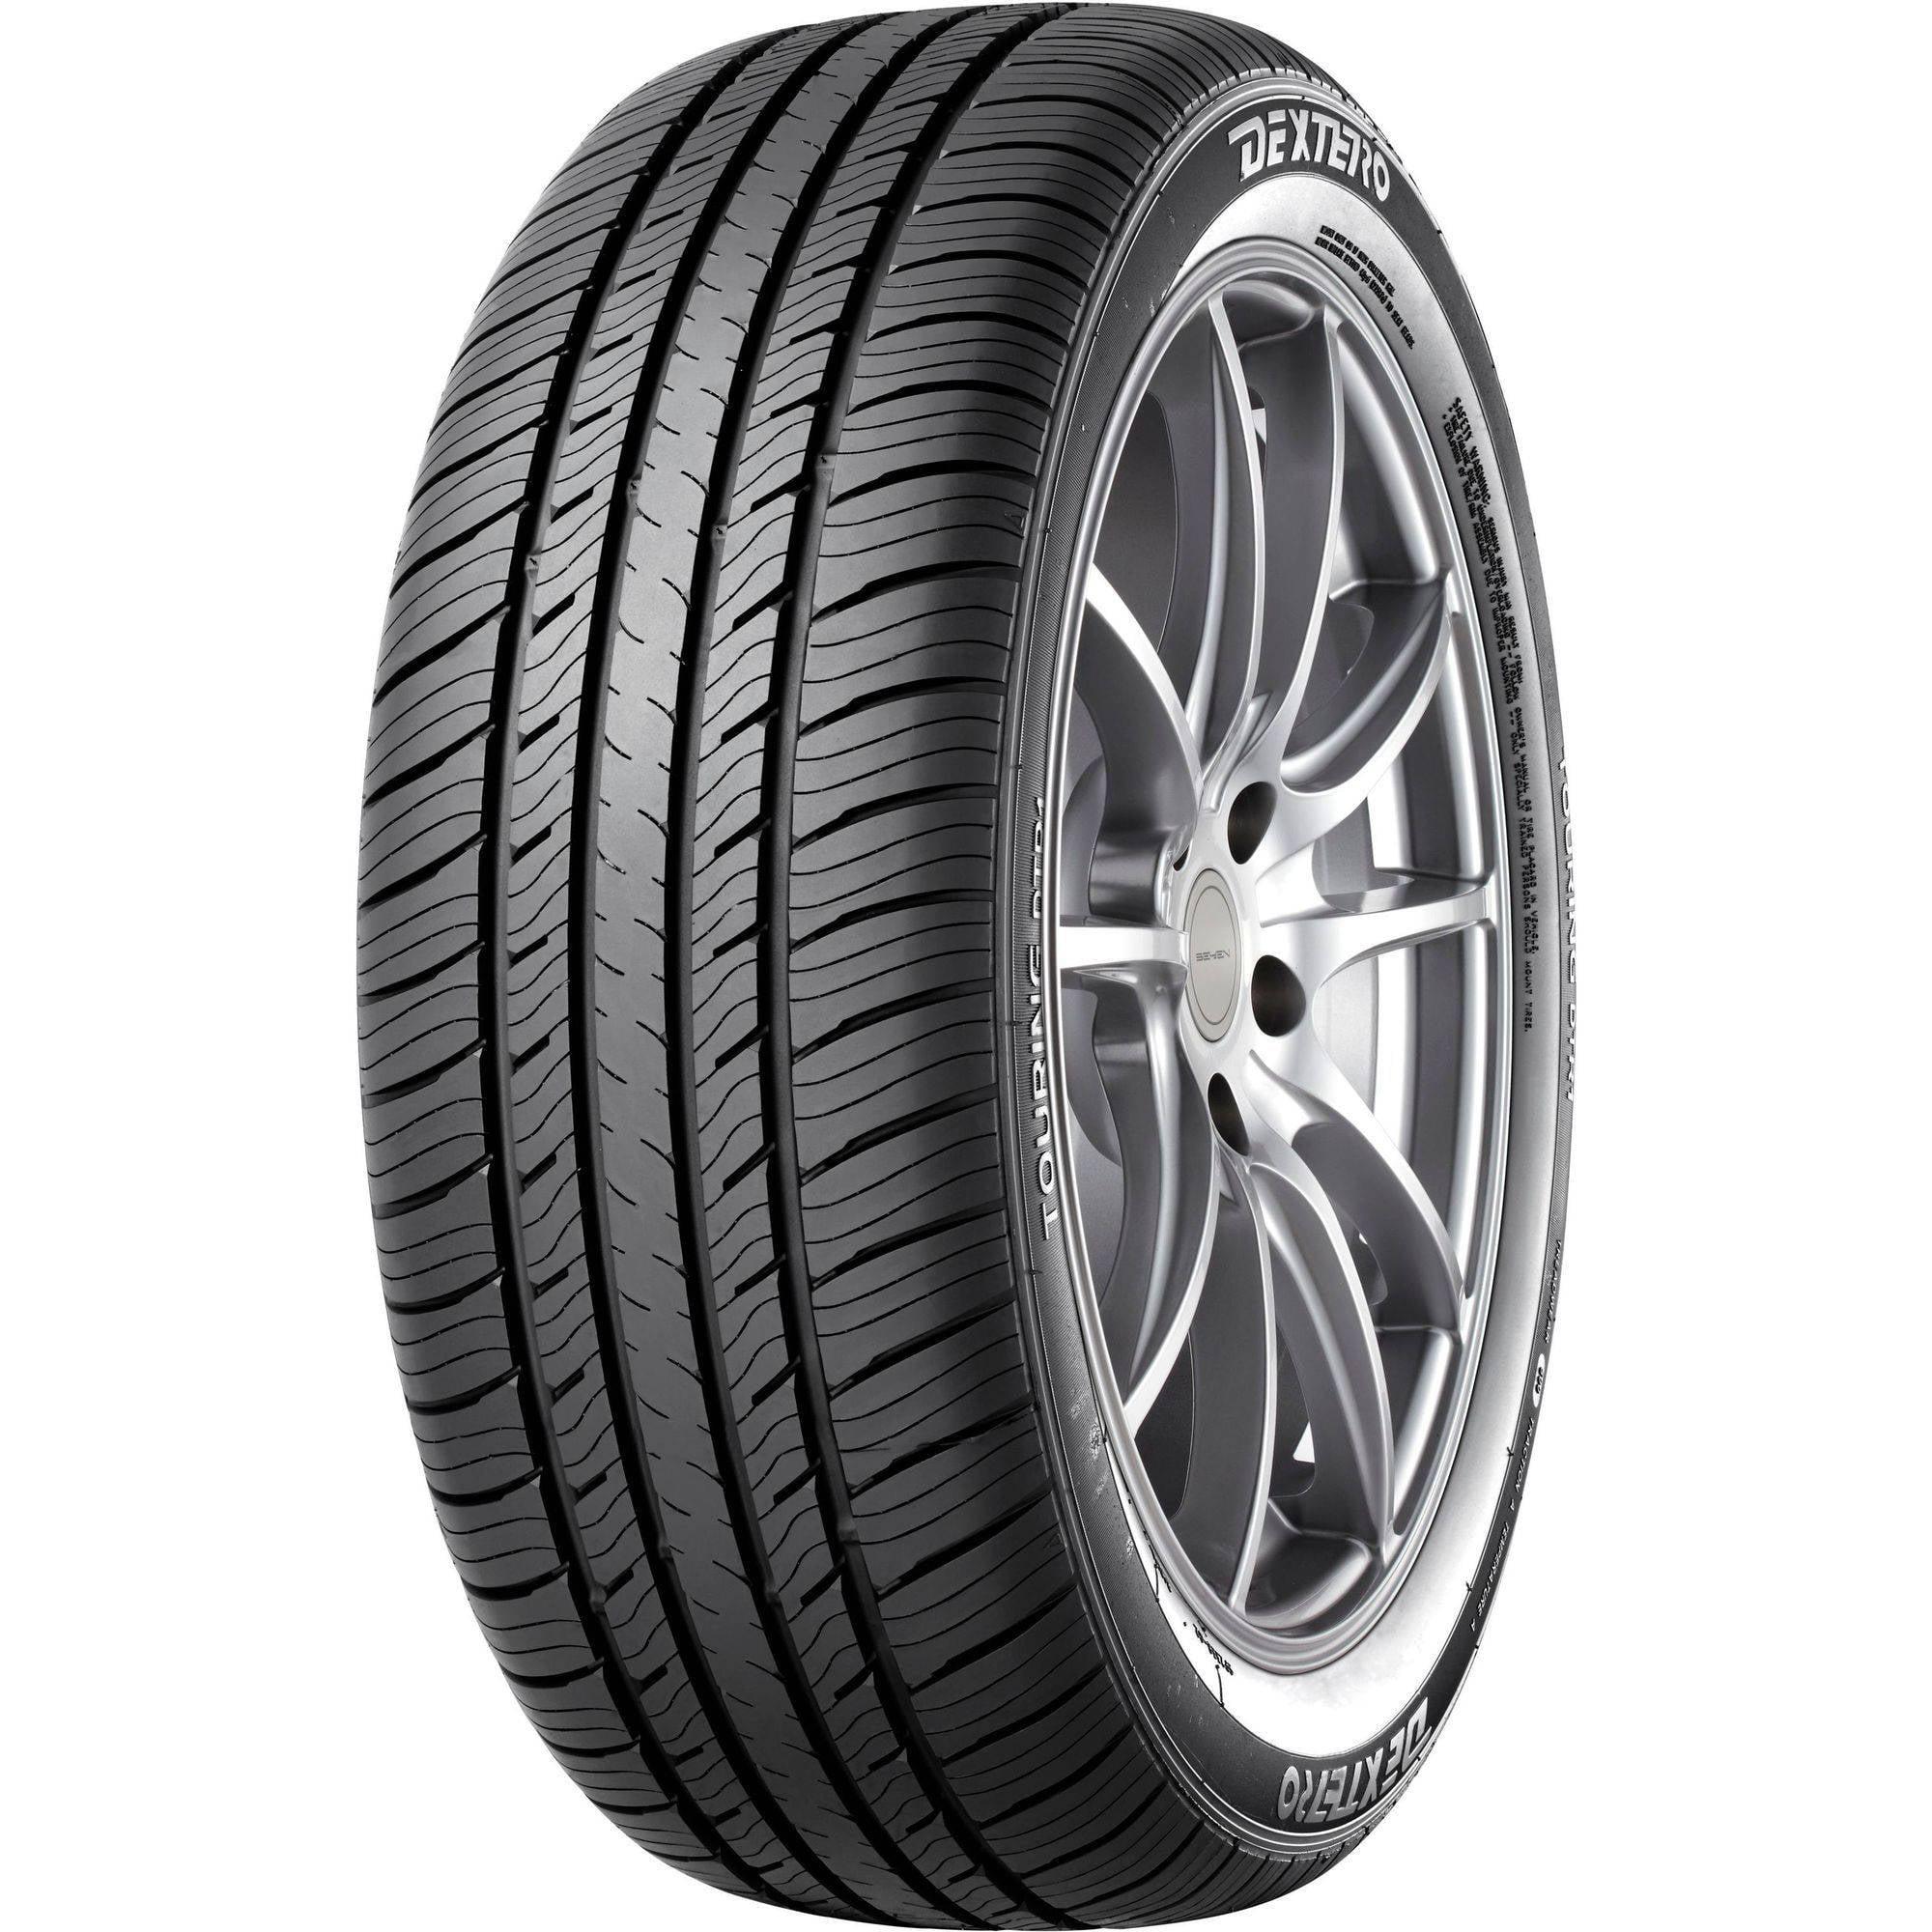 Dextero DTR1 Touring 215/65R16 98T Tire